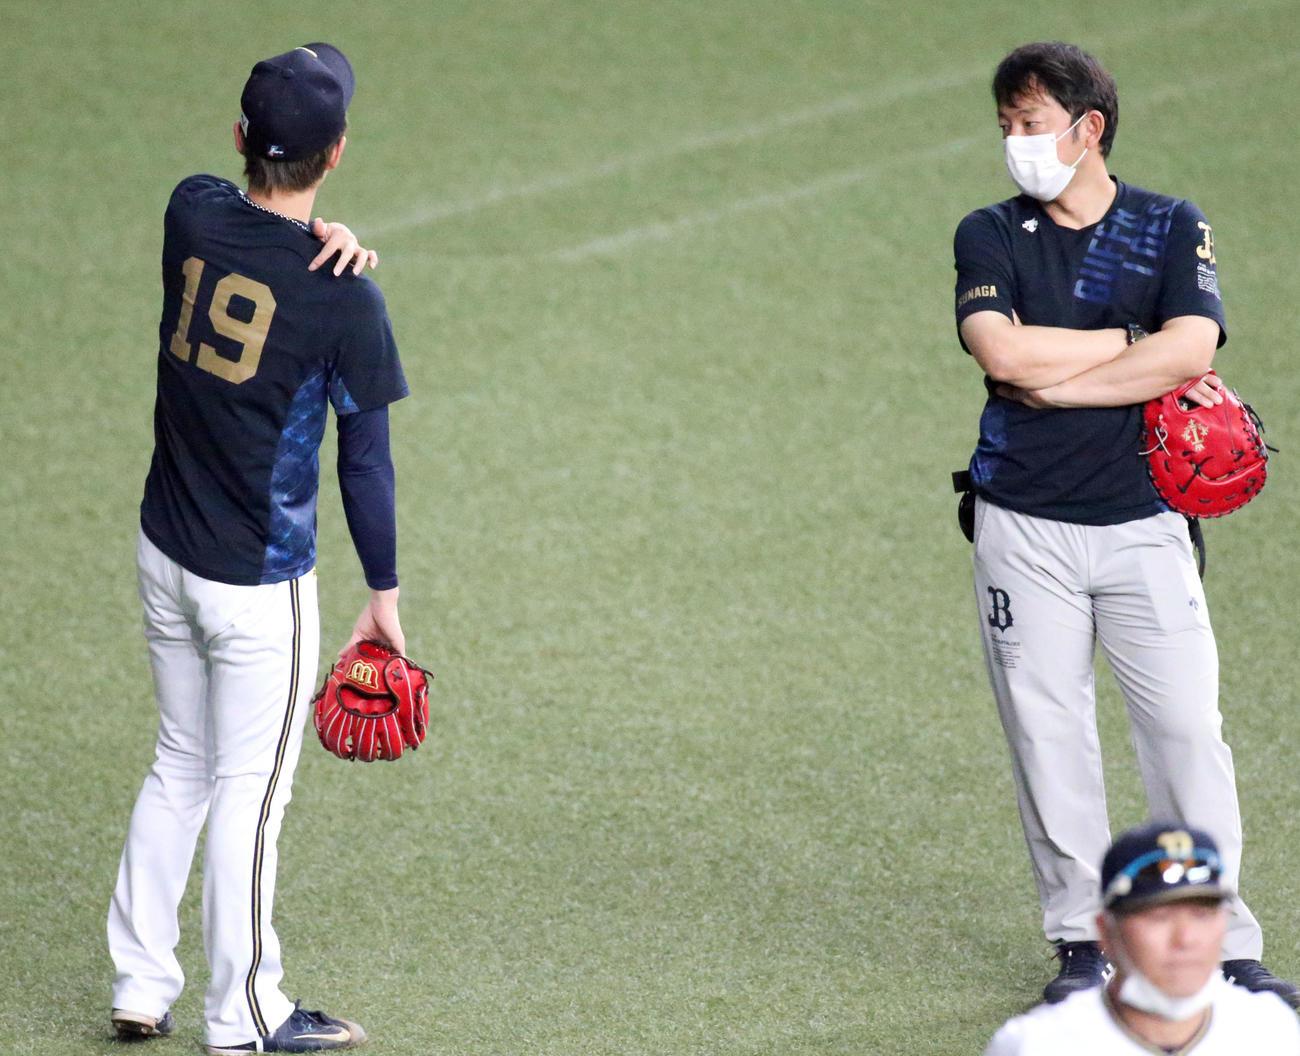 山岡(左)は、キャッチボールを中断し、右肩をさわる(撮影・上山淳一)